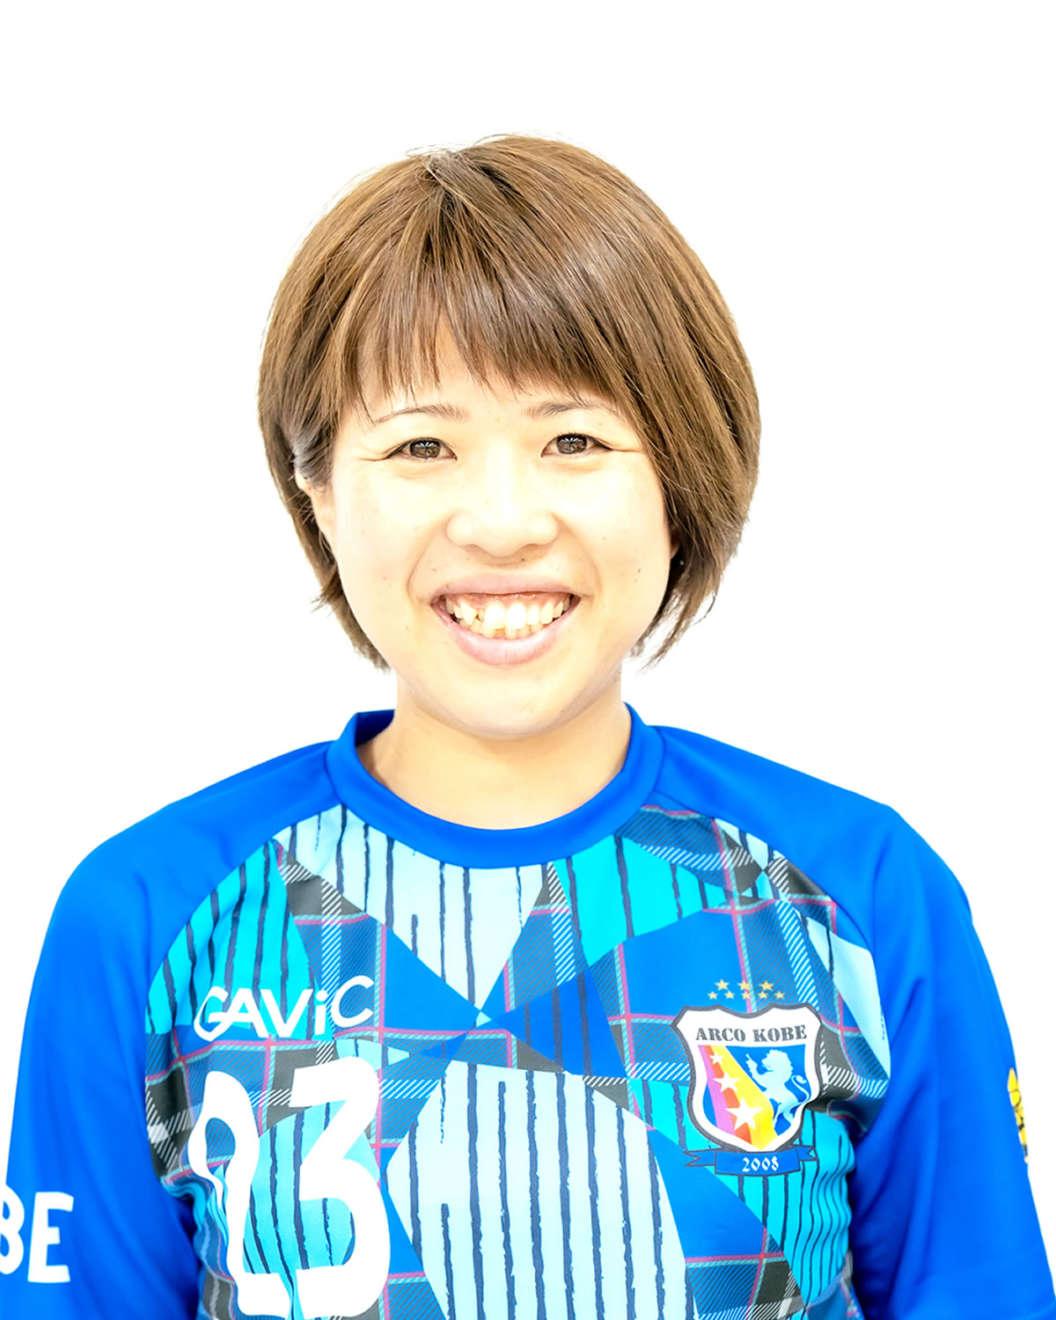 ウノゼロのクリーンシート!日本女子フットサルリーグ初戦を勝利!